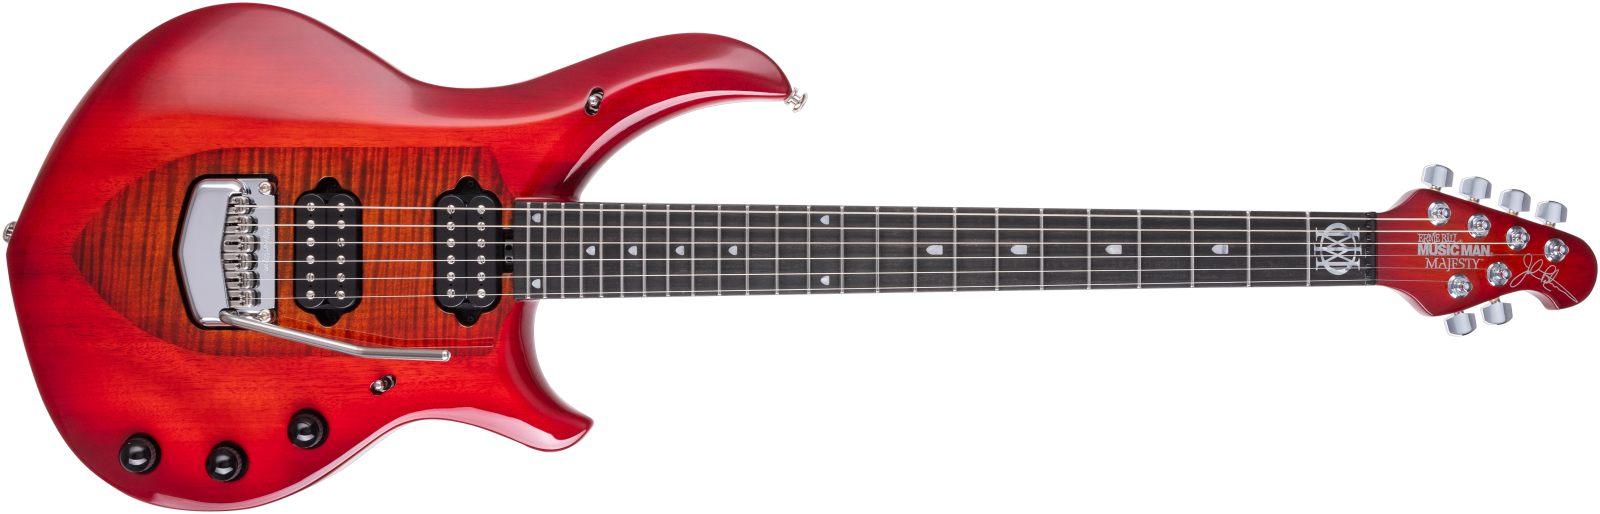 Music Man John Petrucci Majesty HH RS